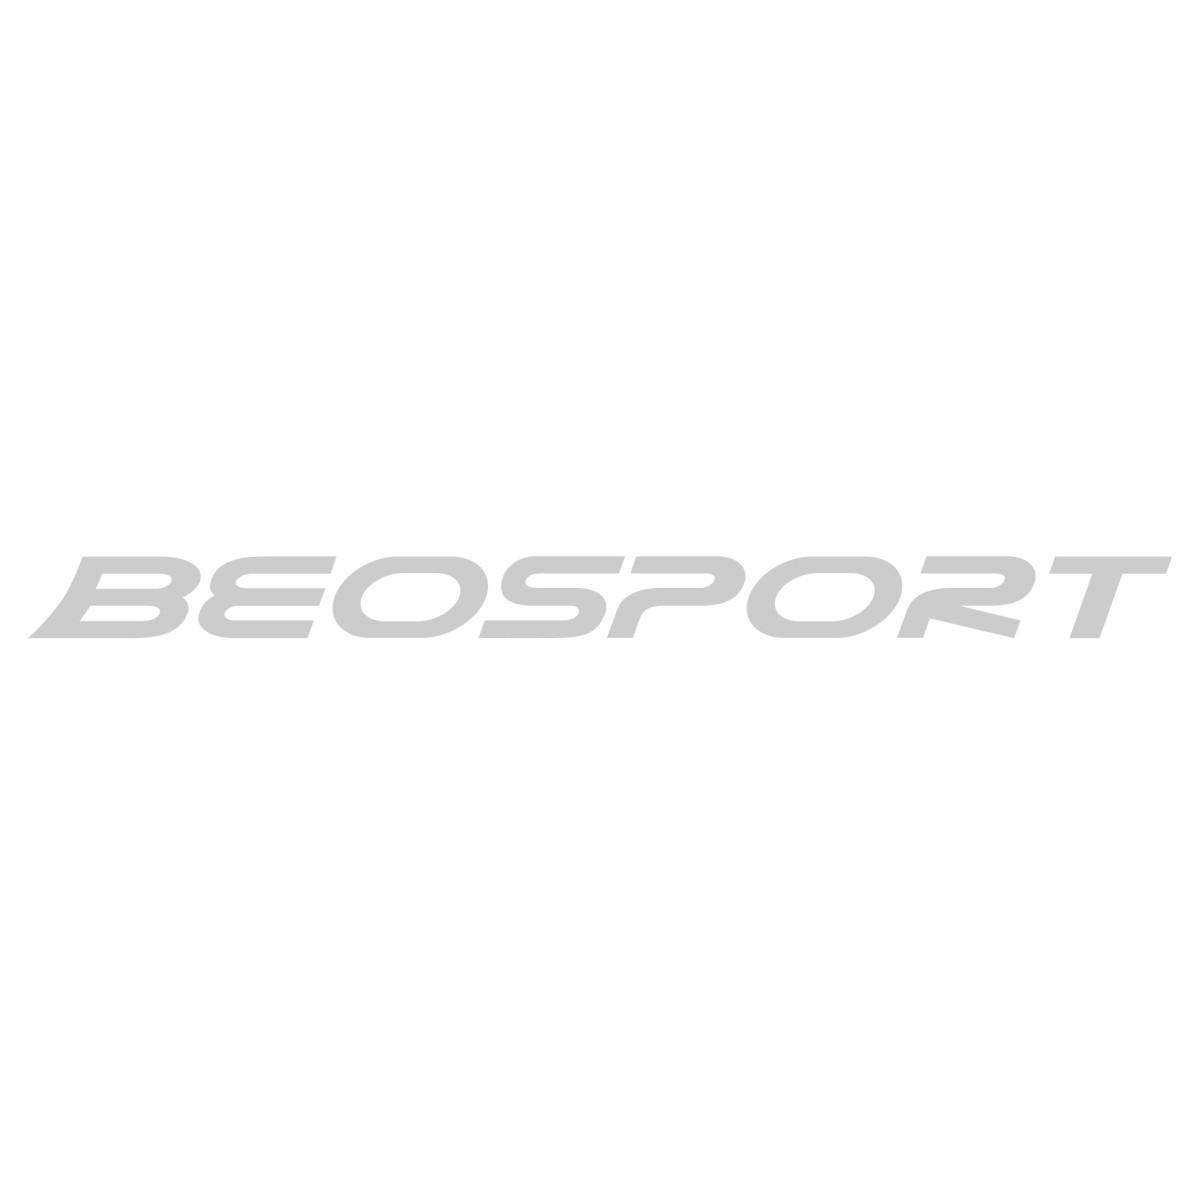 Wilson Shoreline lopta za odbojku